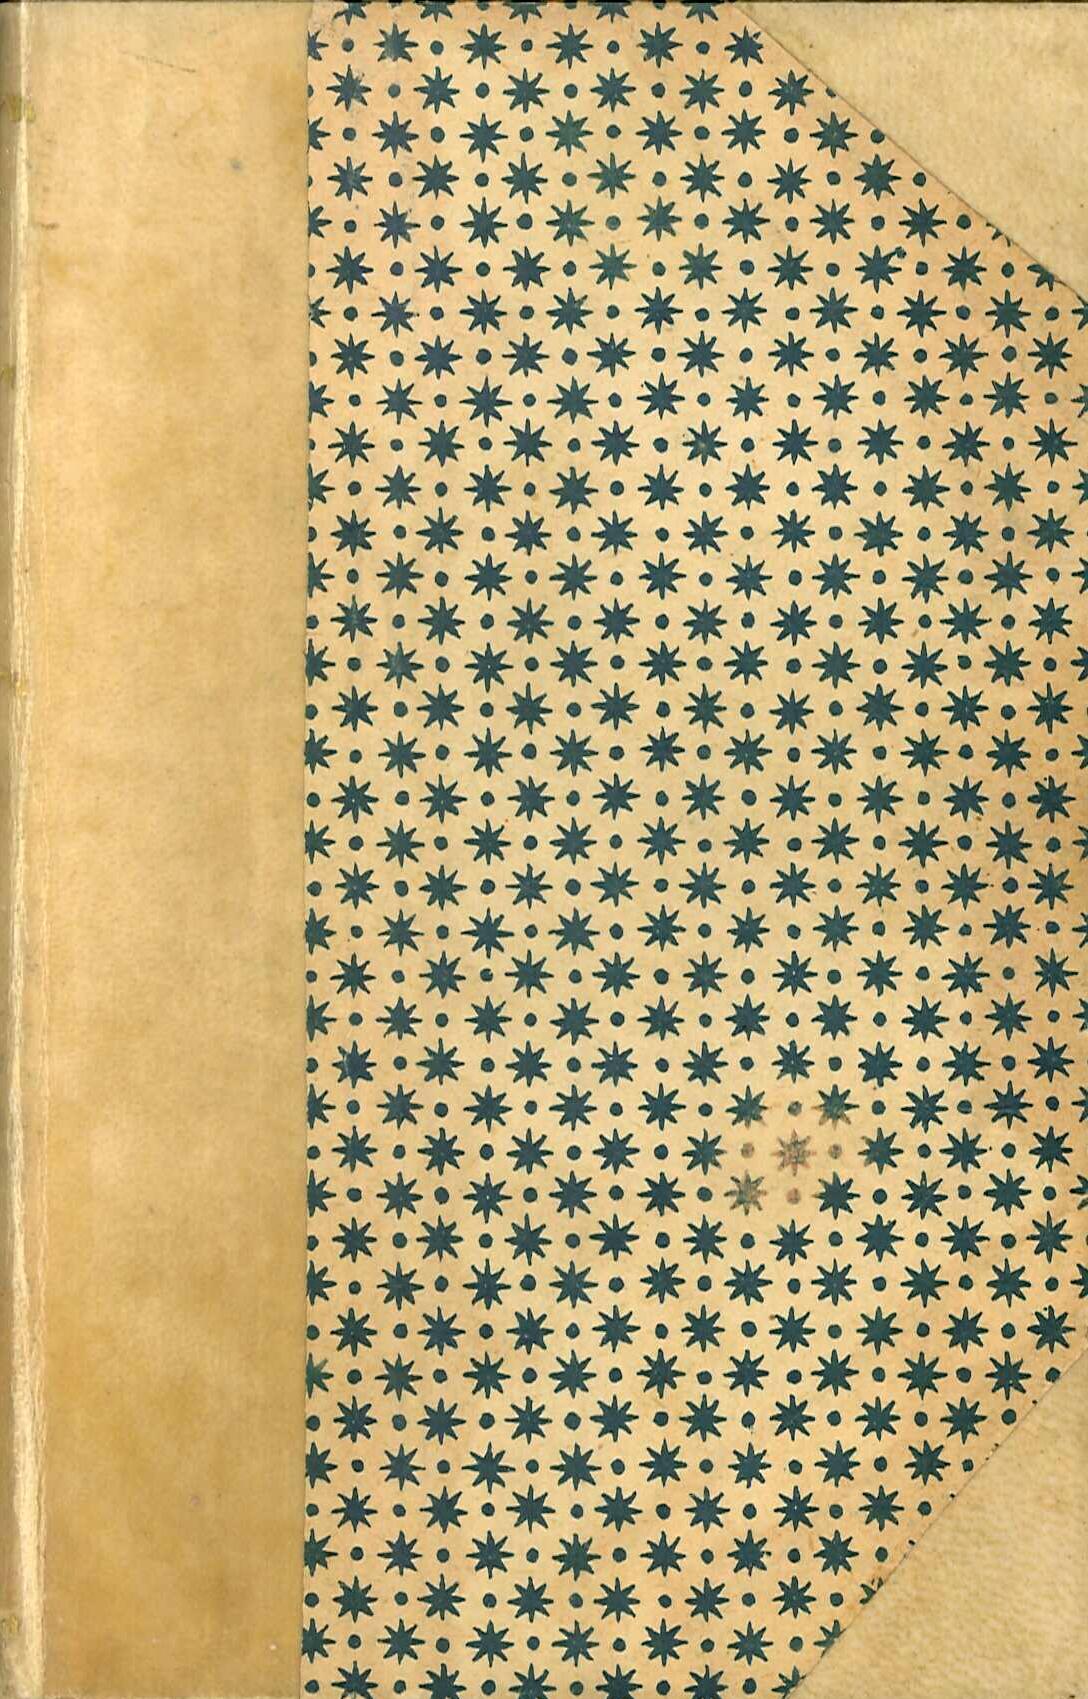 L'Isottèo. La Chimera (1885-1888)